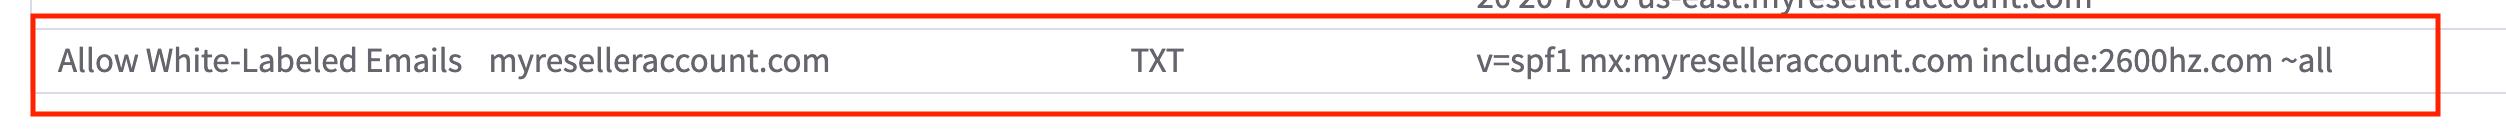 DNS Branding TXT.png